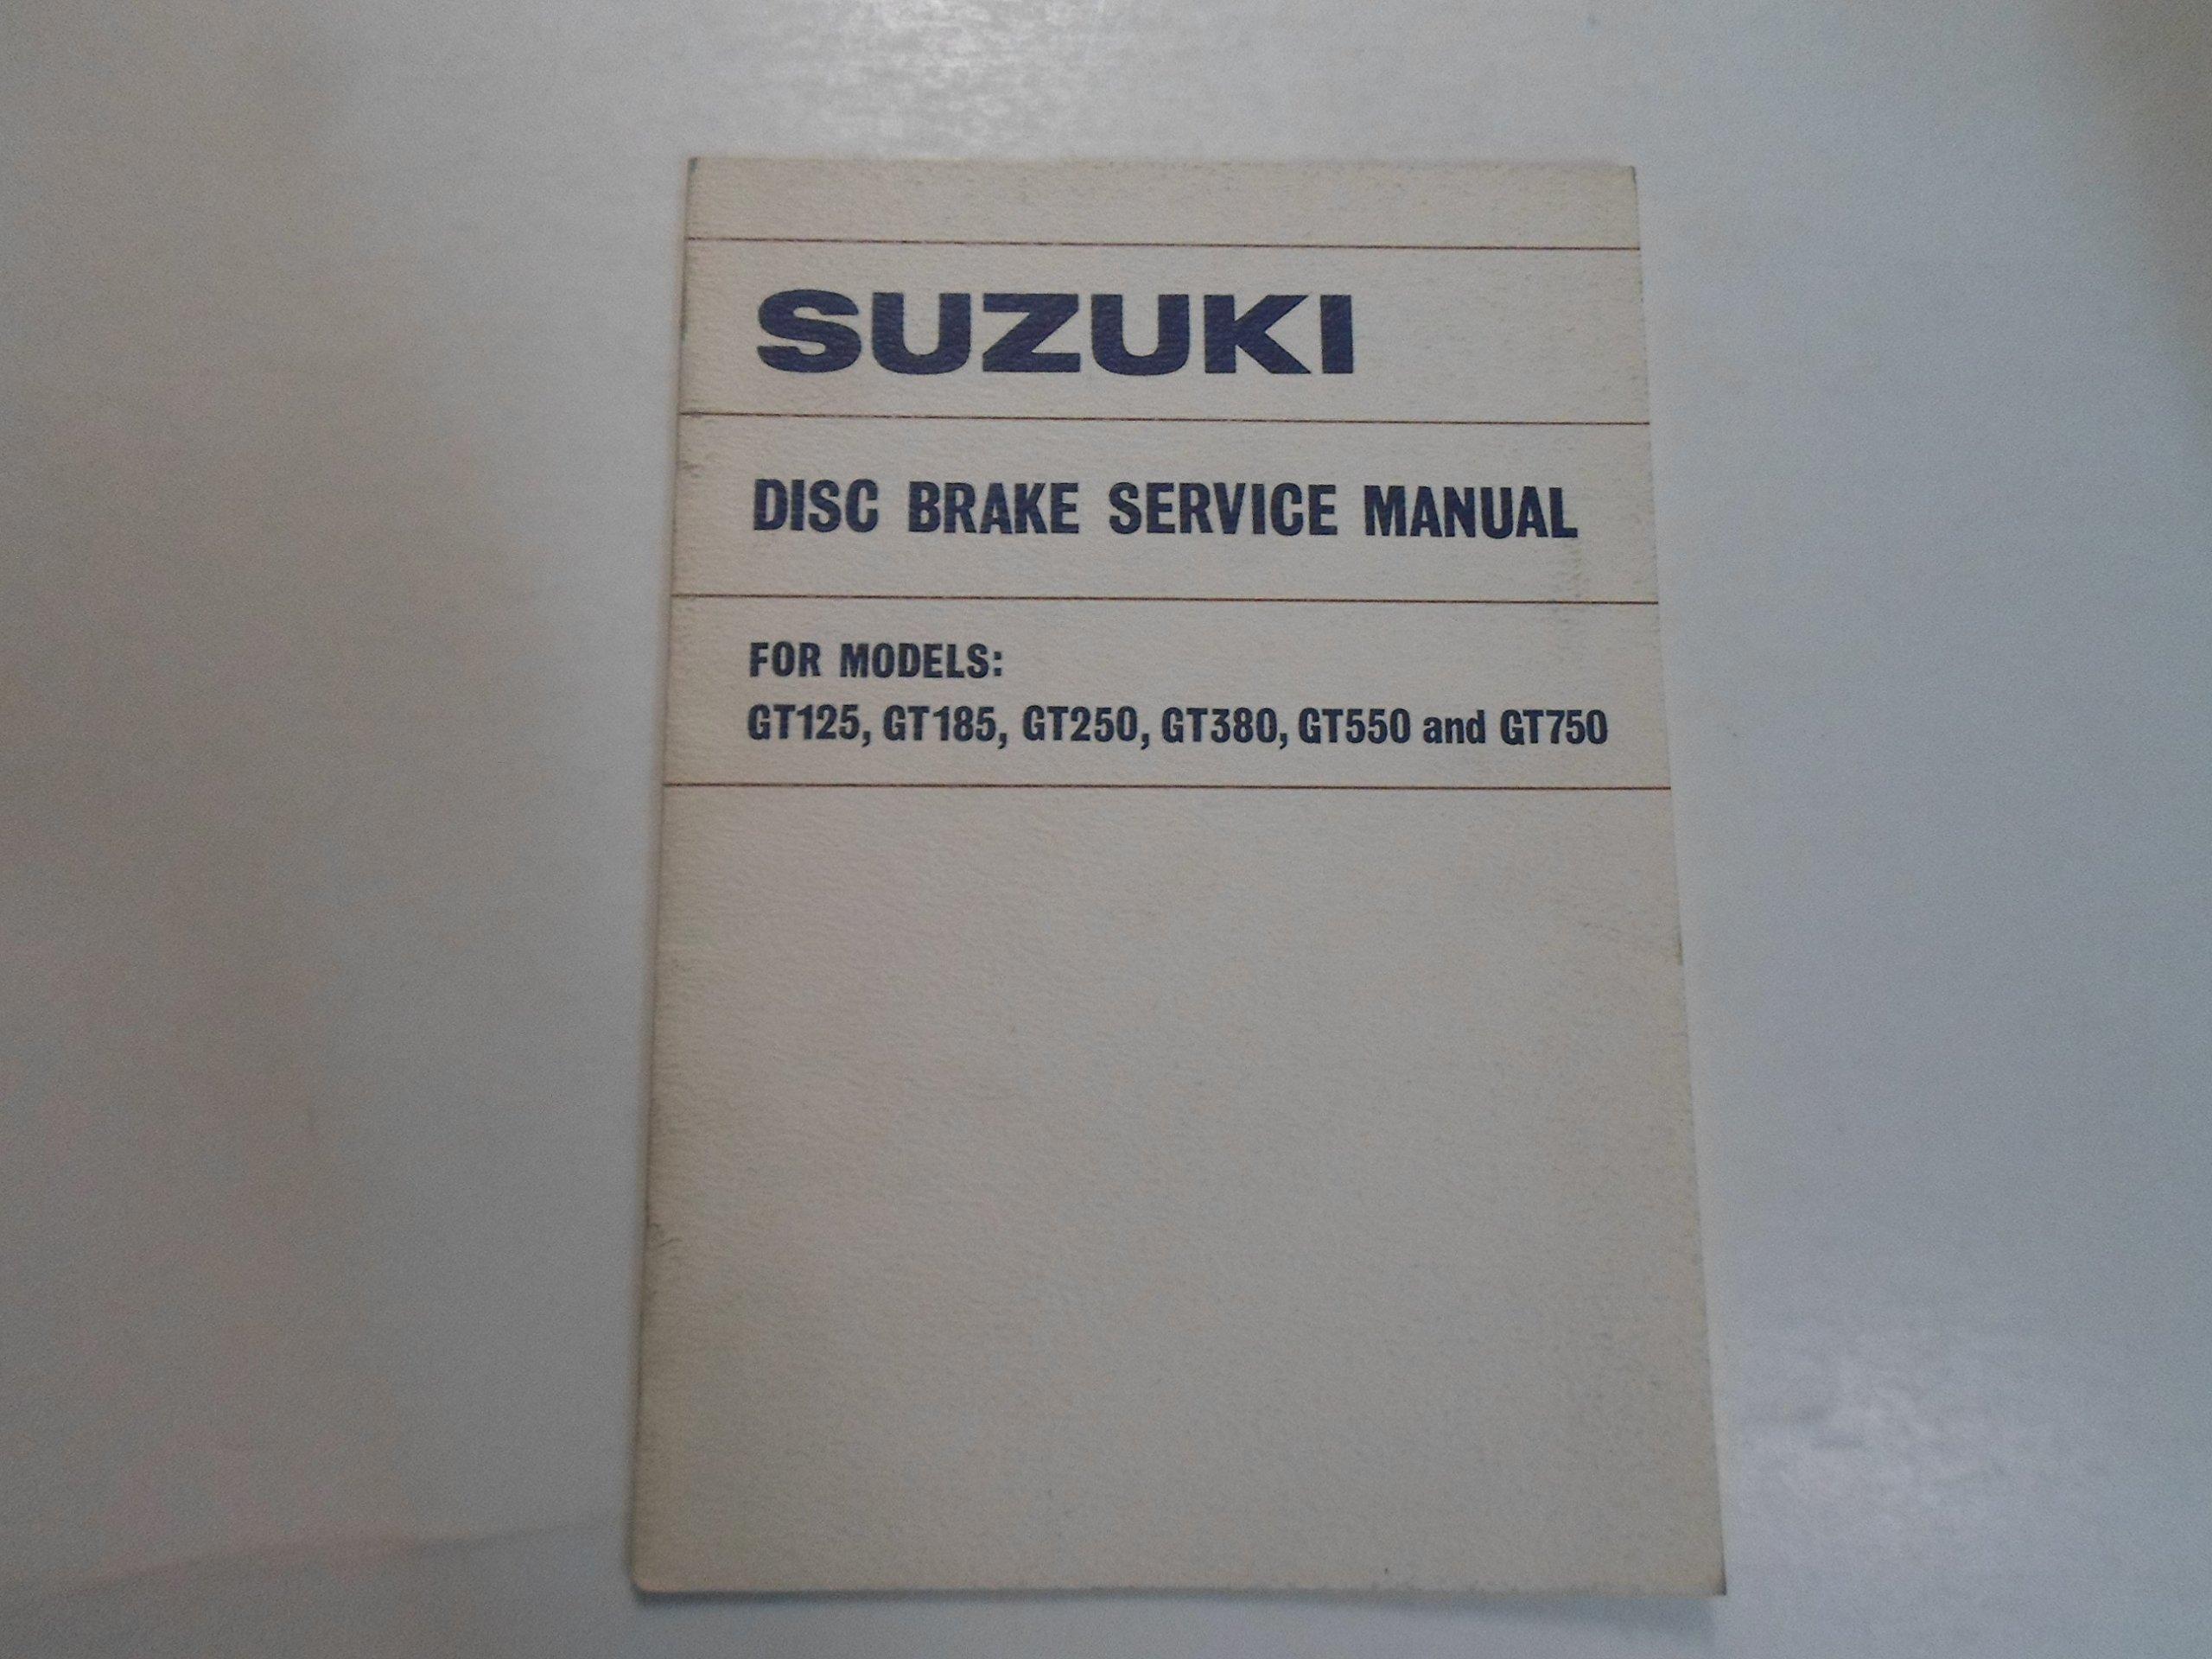 1974 Suzuki GT125 GT185 GT250 GT380 GT550 GT750 Disc Brake Service Manual:  SUZUKI: Amazon.com: Books